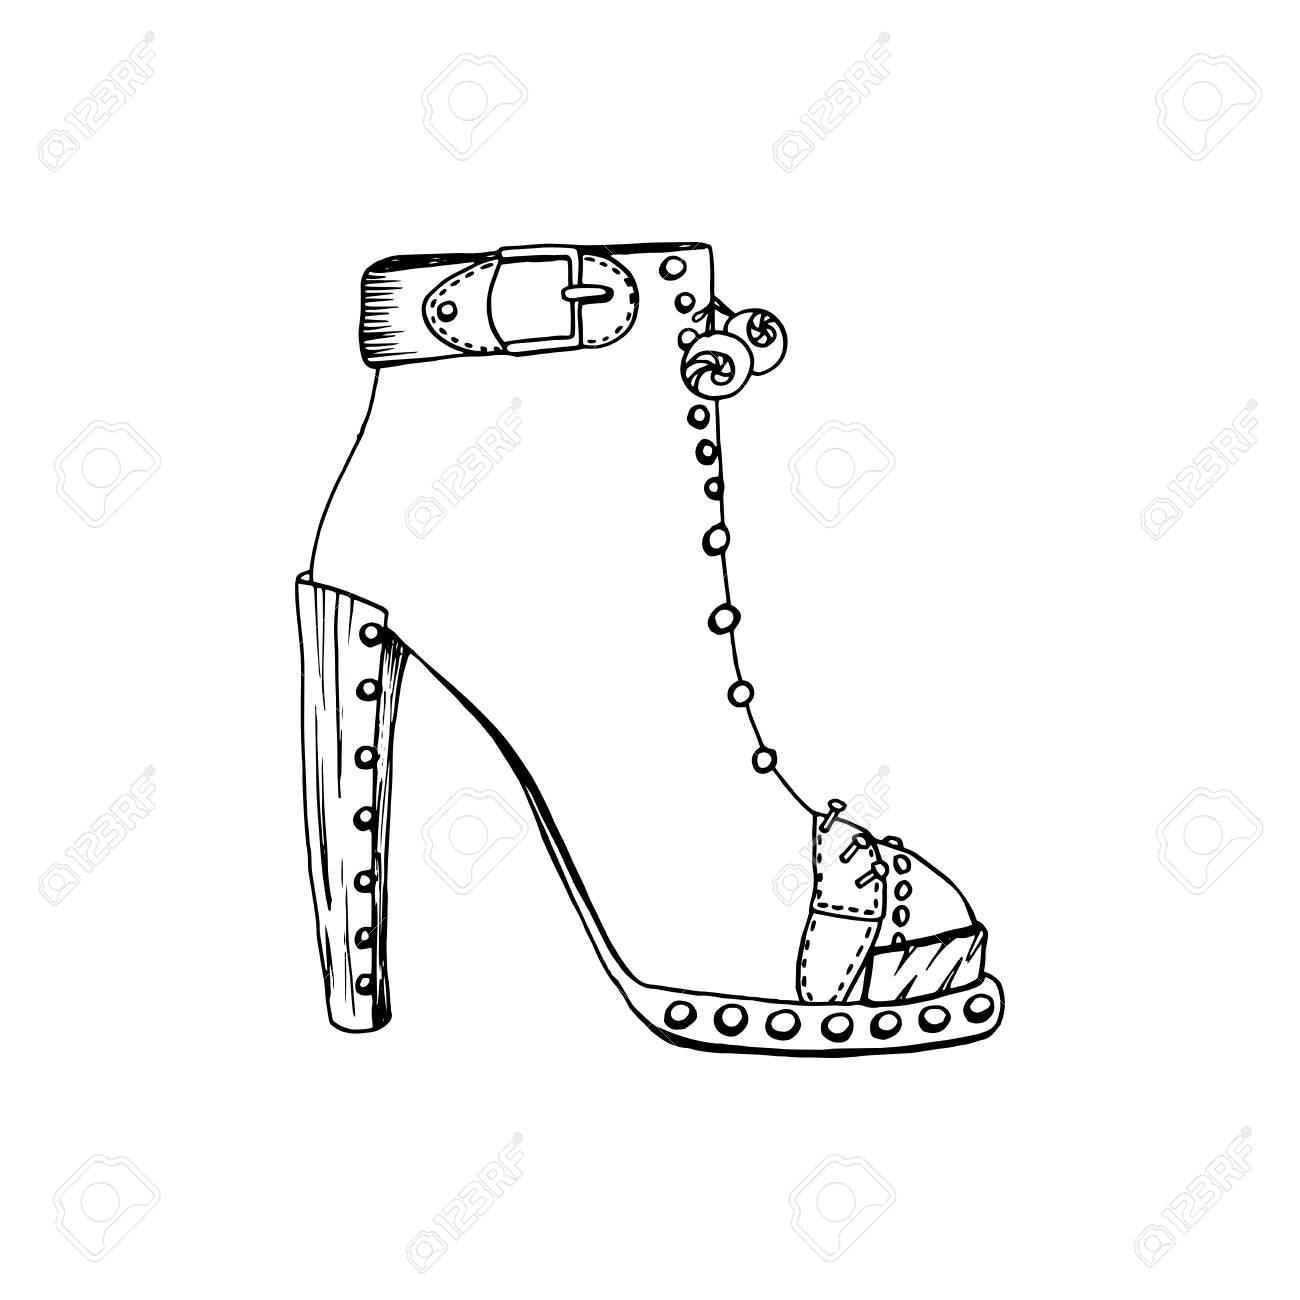 28c4faf02fa Foto de archivo - Zapatos de tacón alto para mujer. Moda obra calzado.  clipart aislada por las páginas del libro para colorear diseño